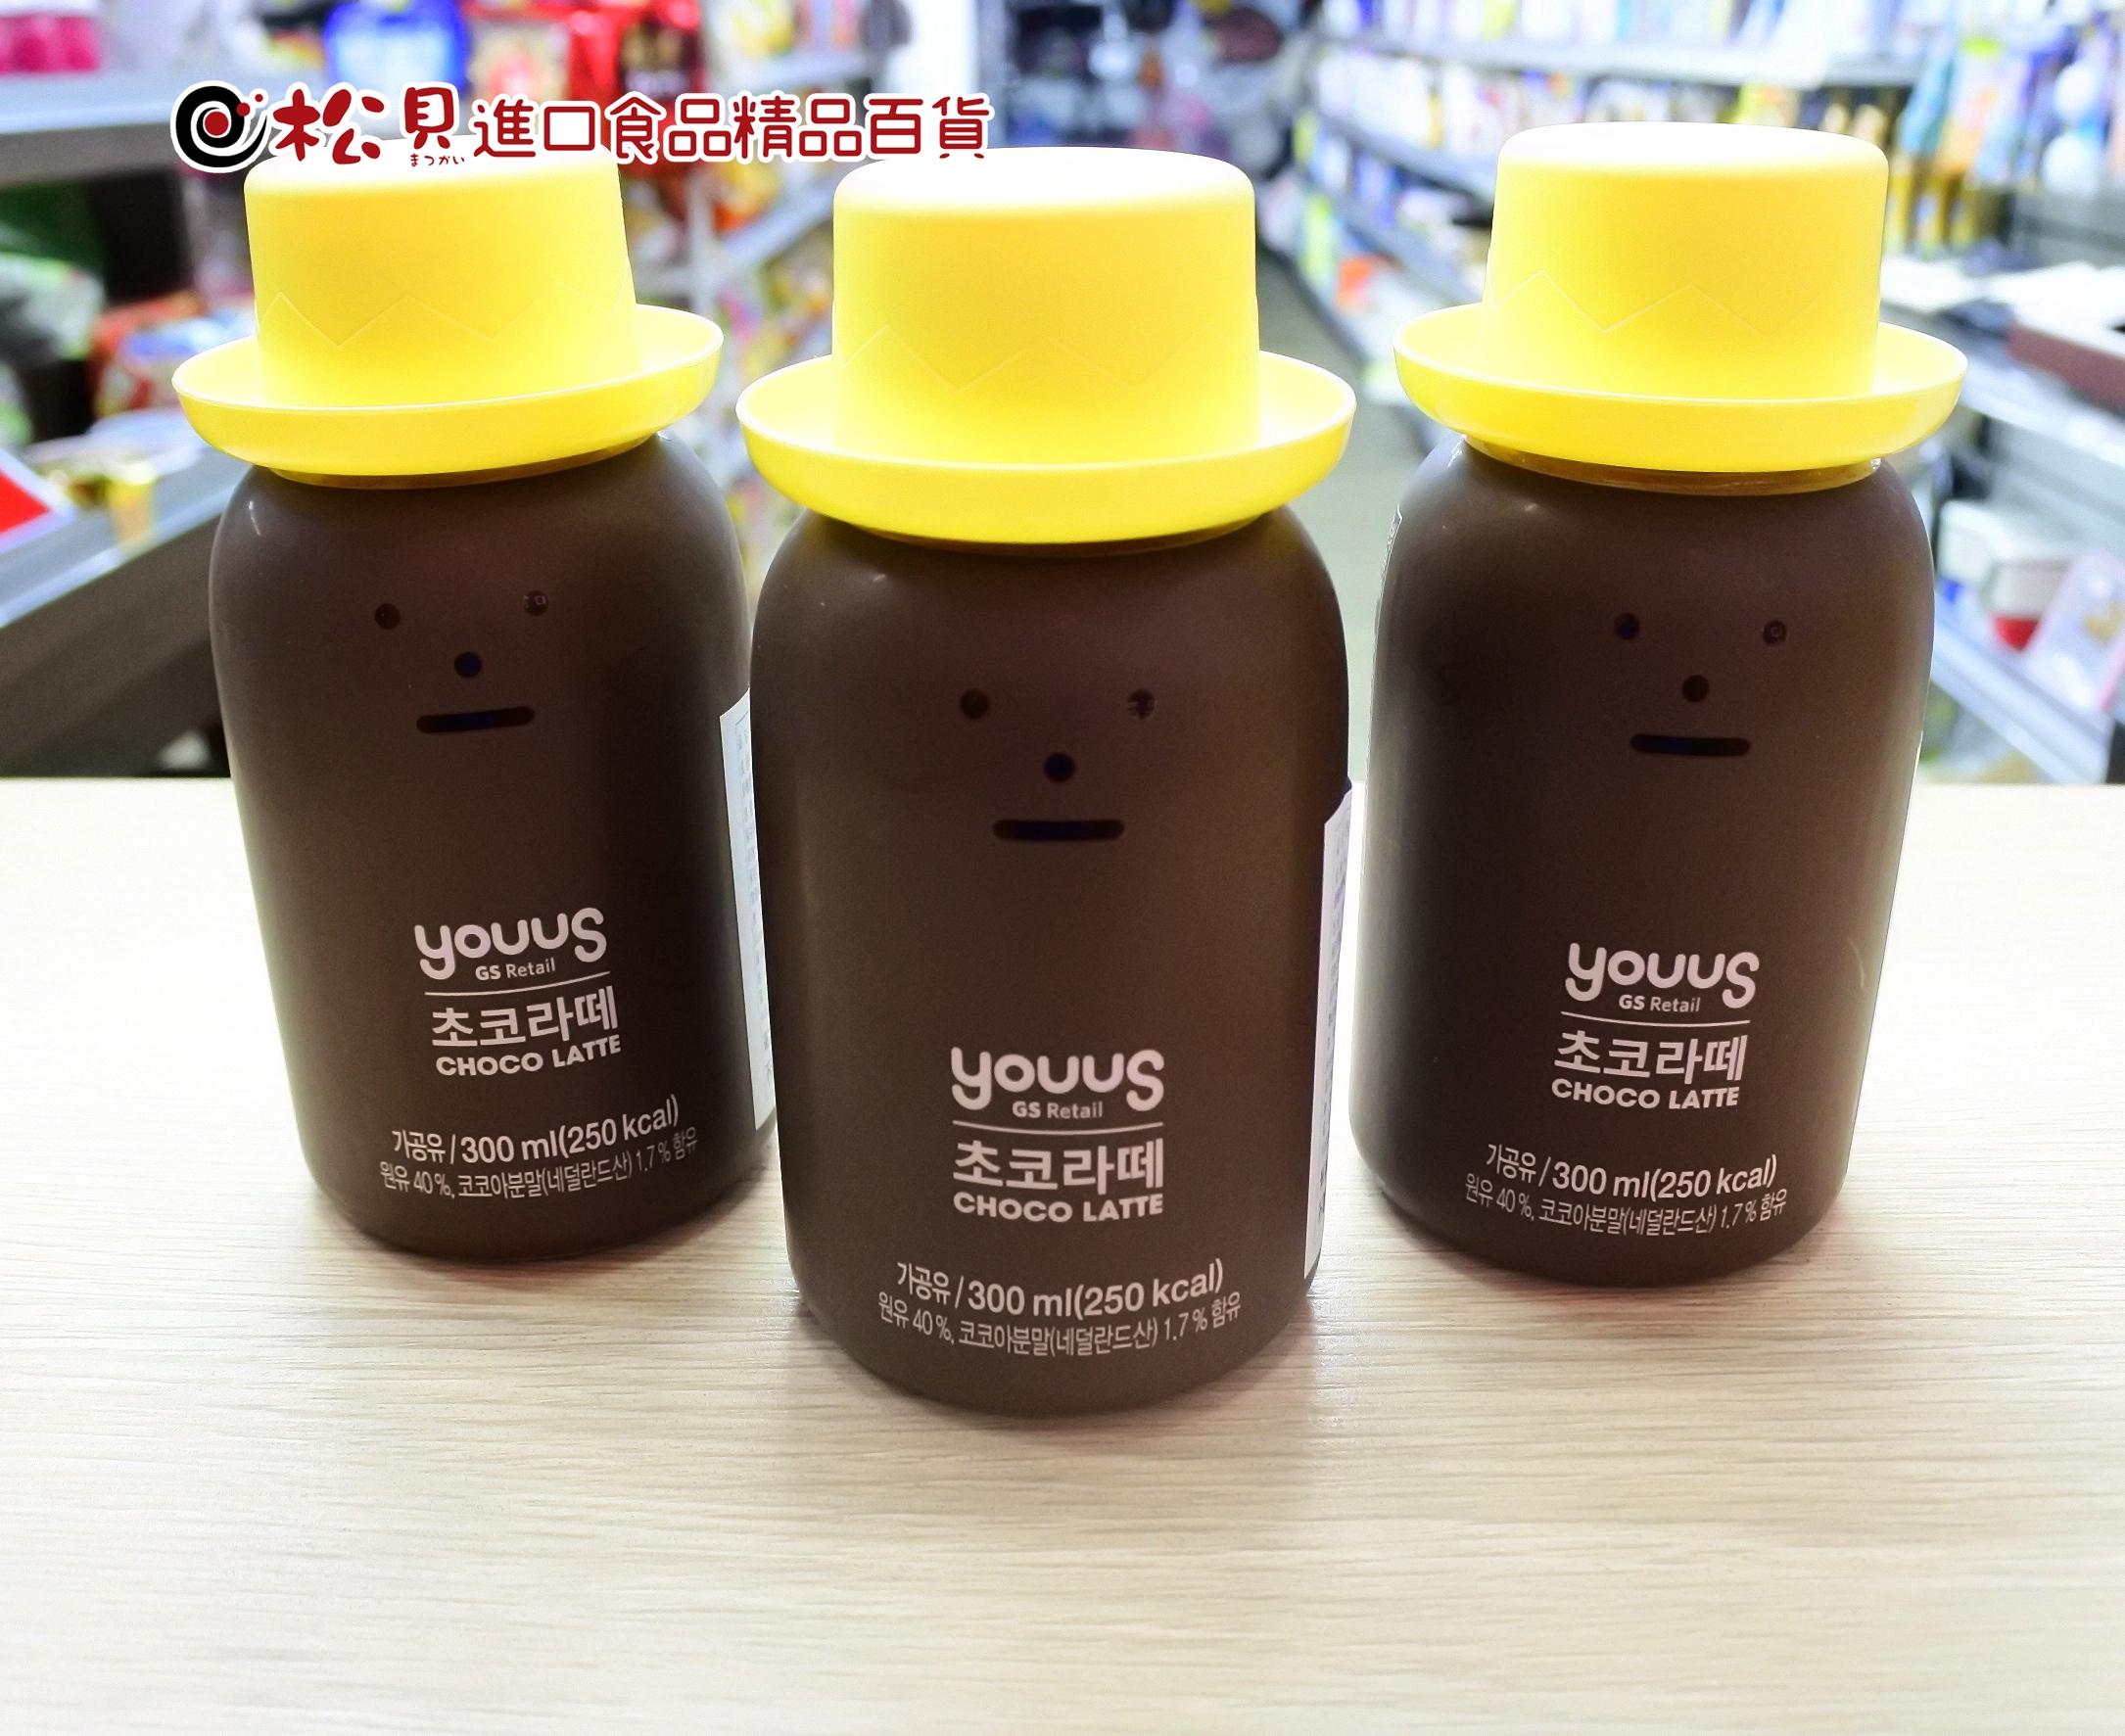 韓國黏黏怪物巧克力拿鐵300ml.JPG